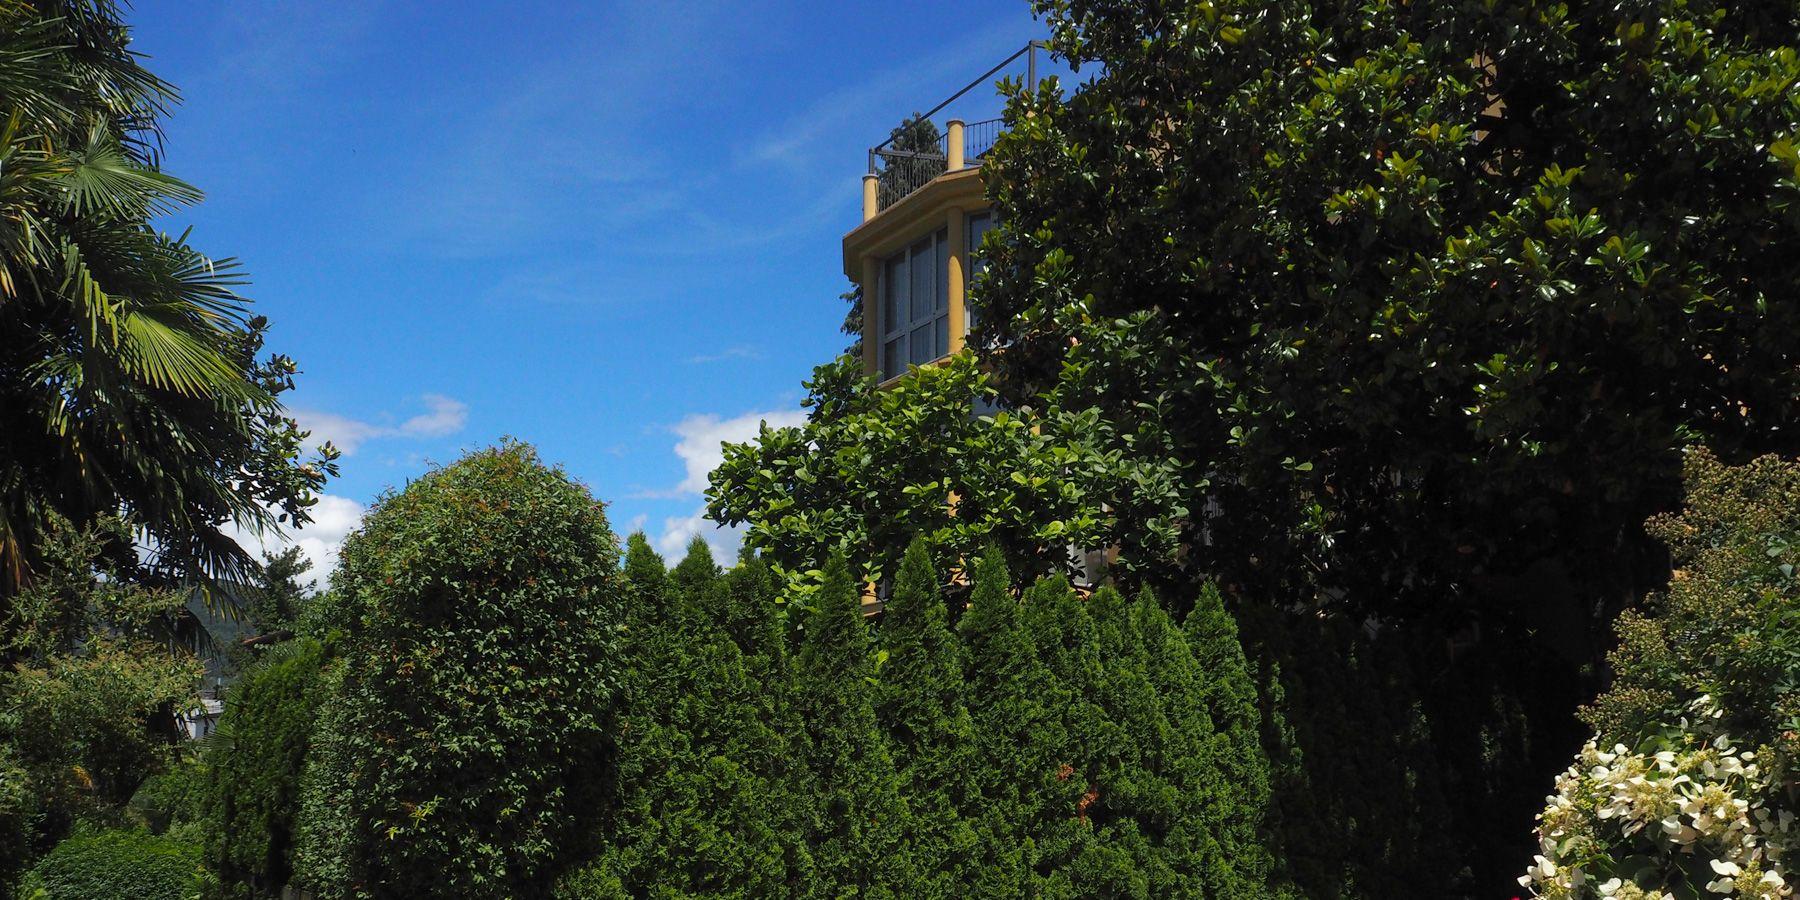 Wohnung kaufen Pallanza in einer historischen Villa